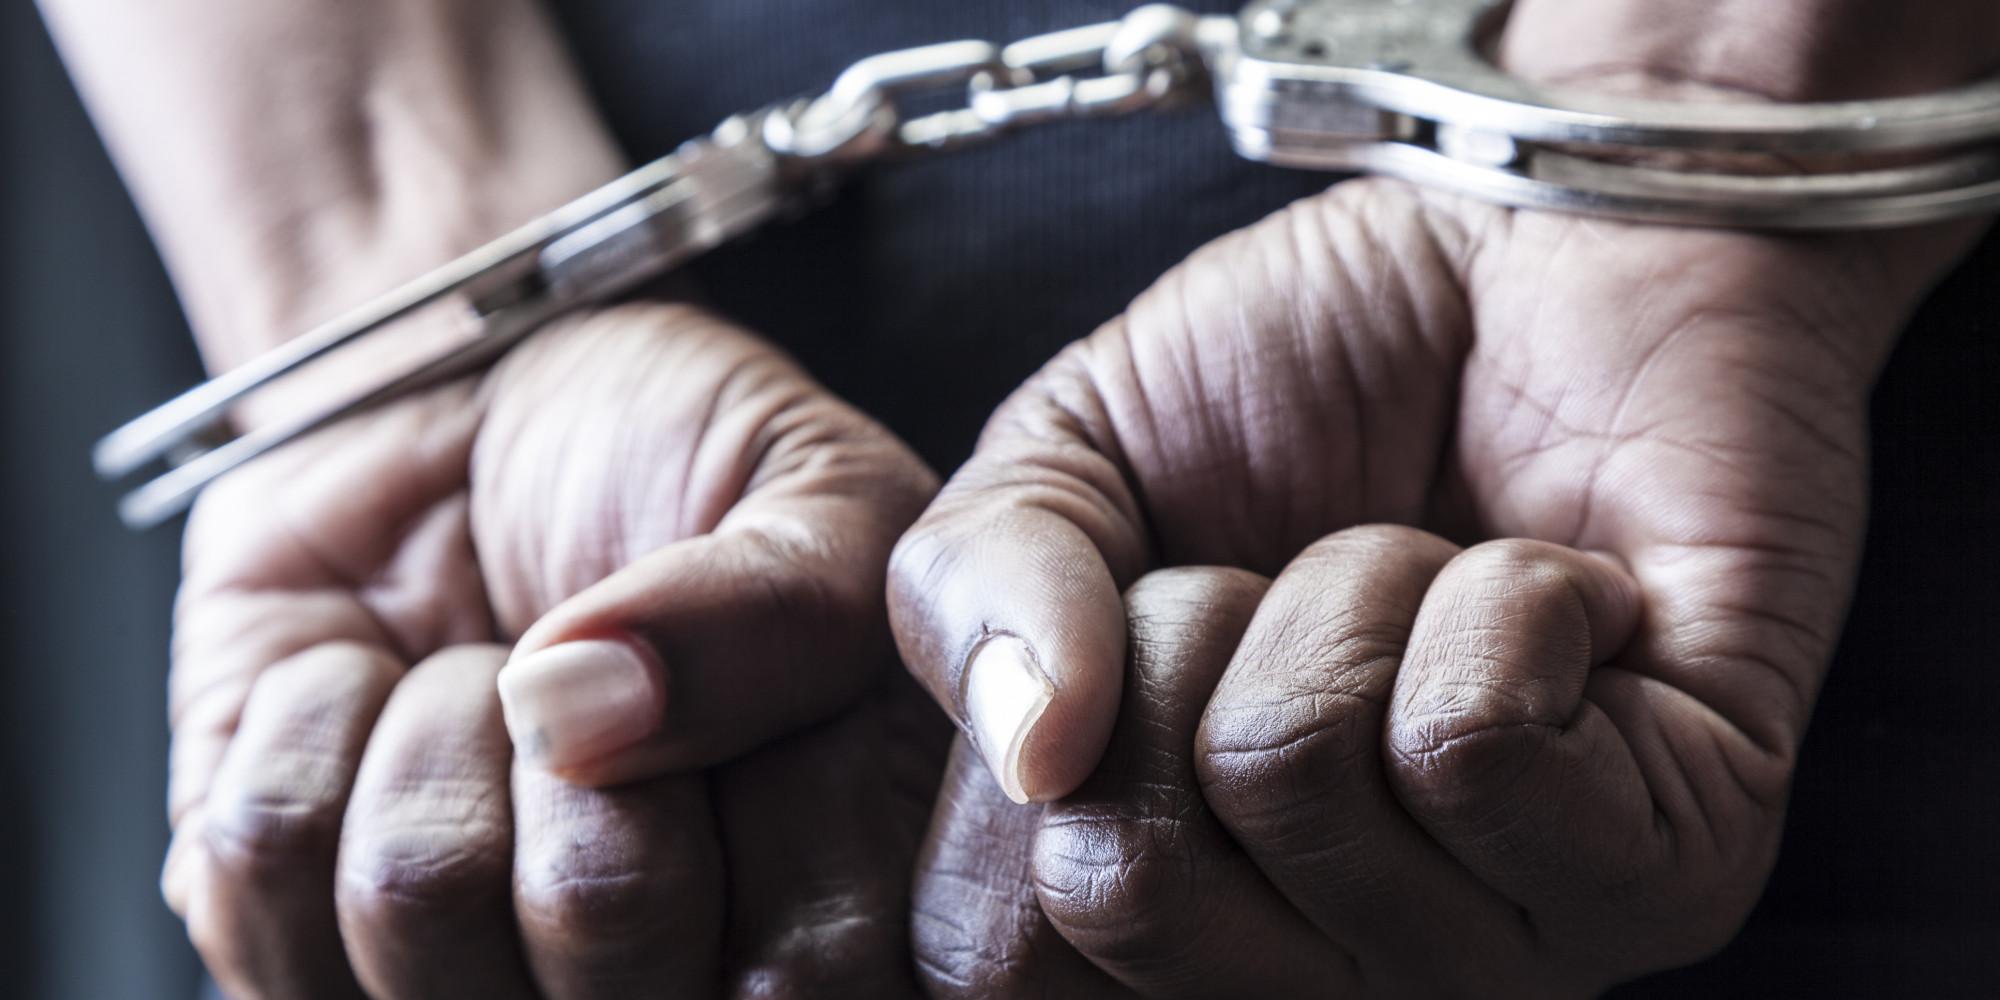 Detienen a presunto líder secuestrador de Tabasco